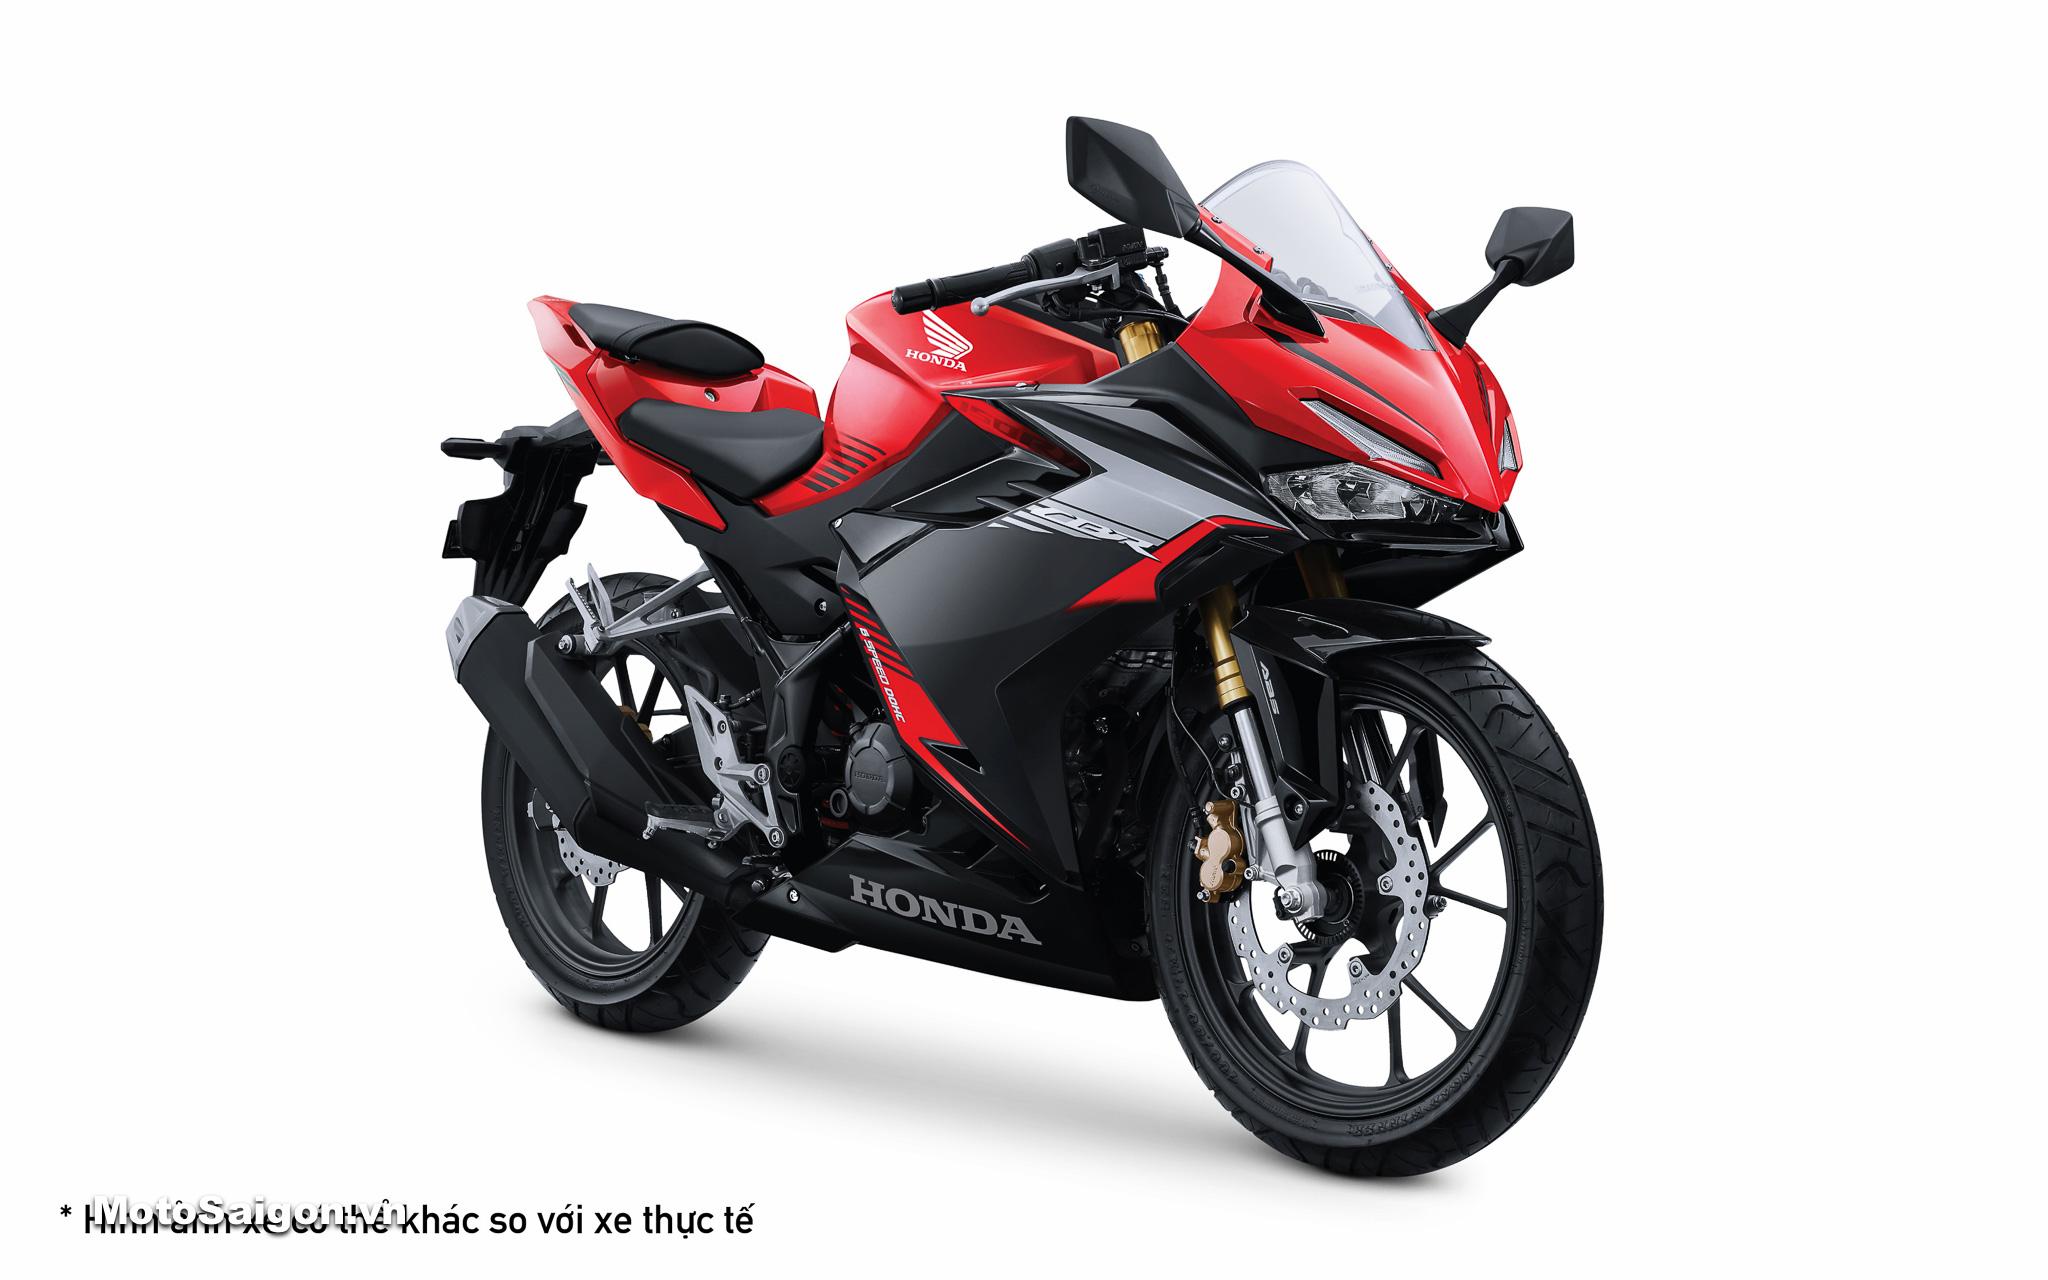 Honda CBR150R tiêu chuẩn